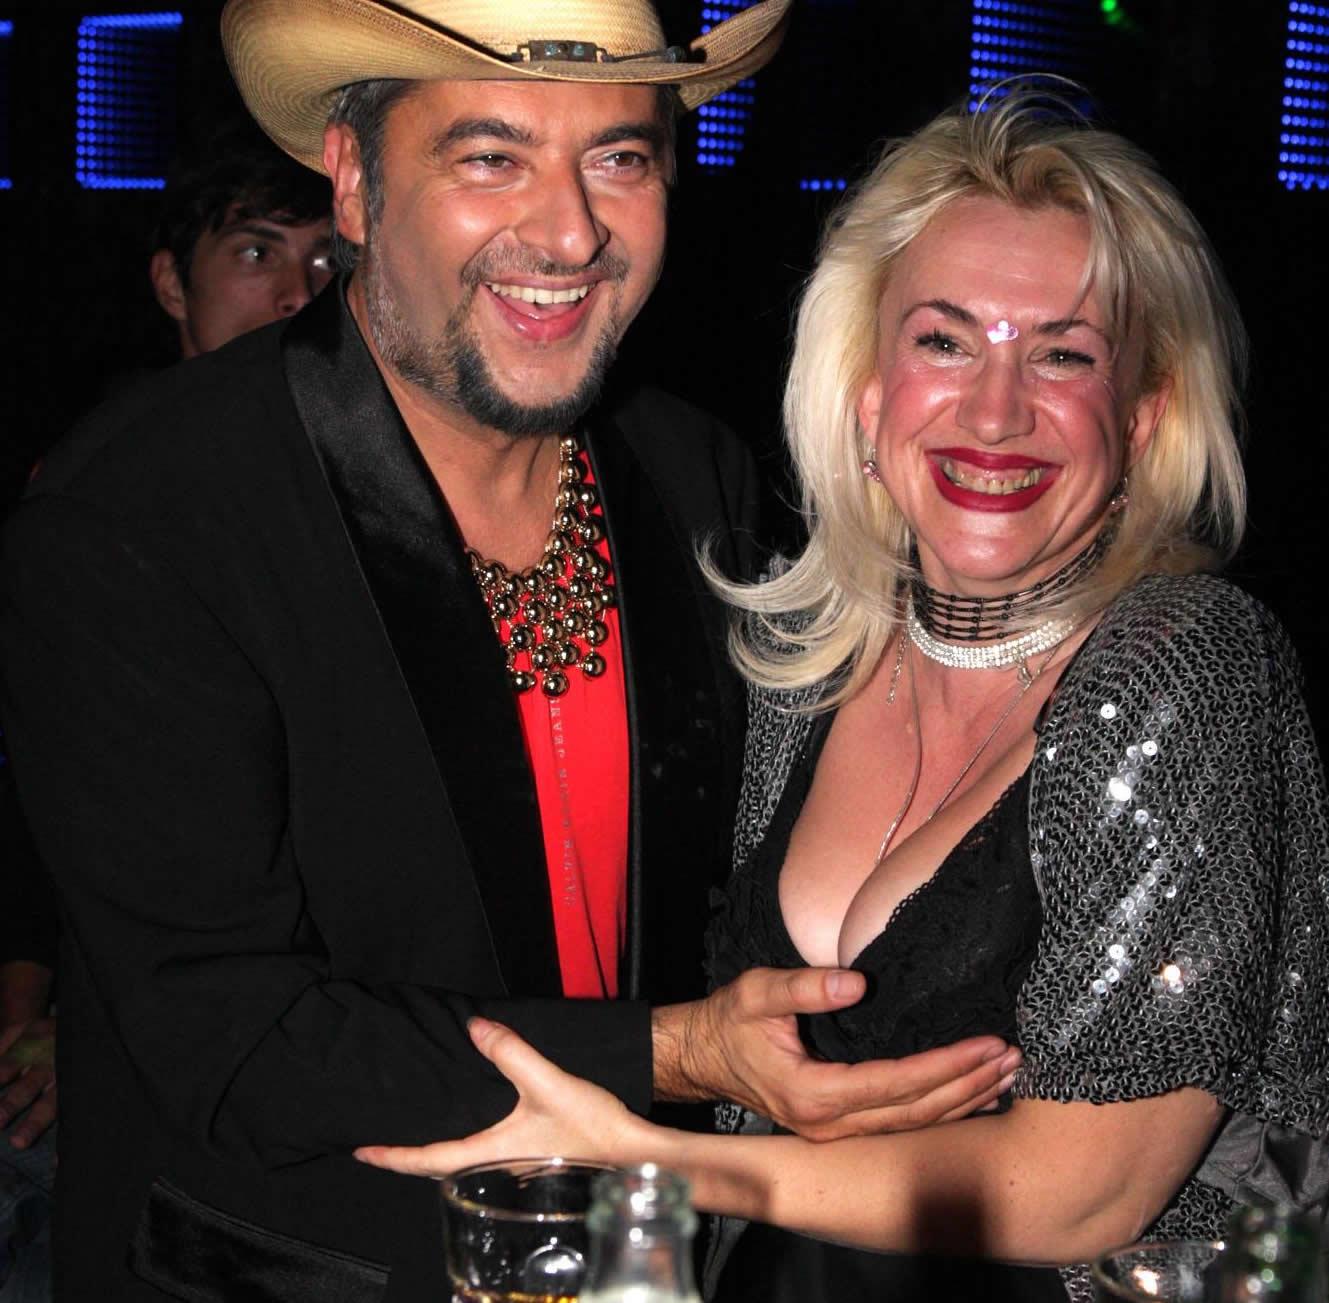 Евгени Минчев ще танцува със Сашка Васева във VIP Dance